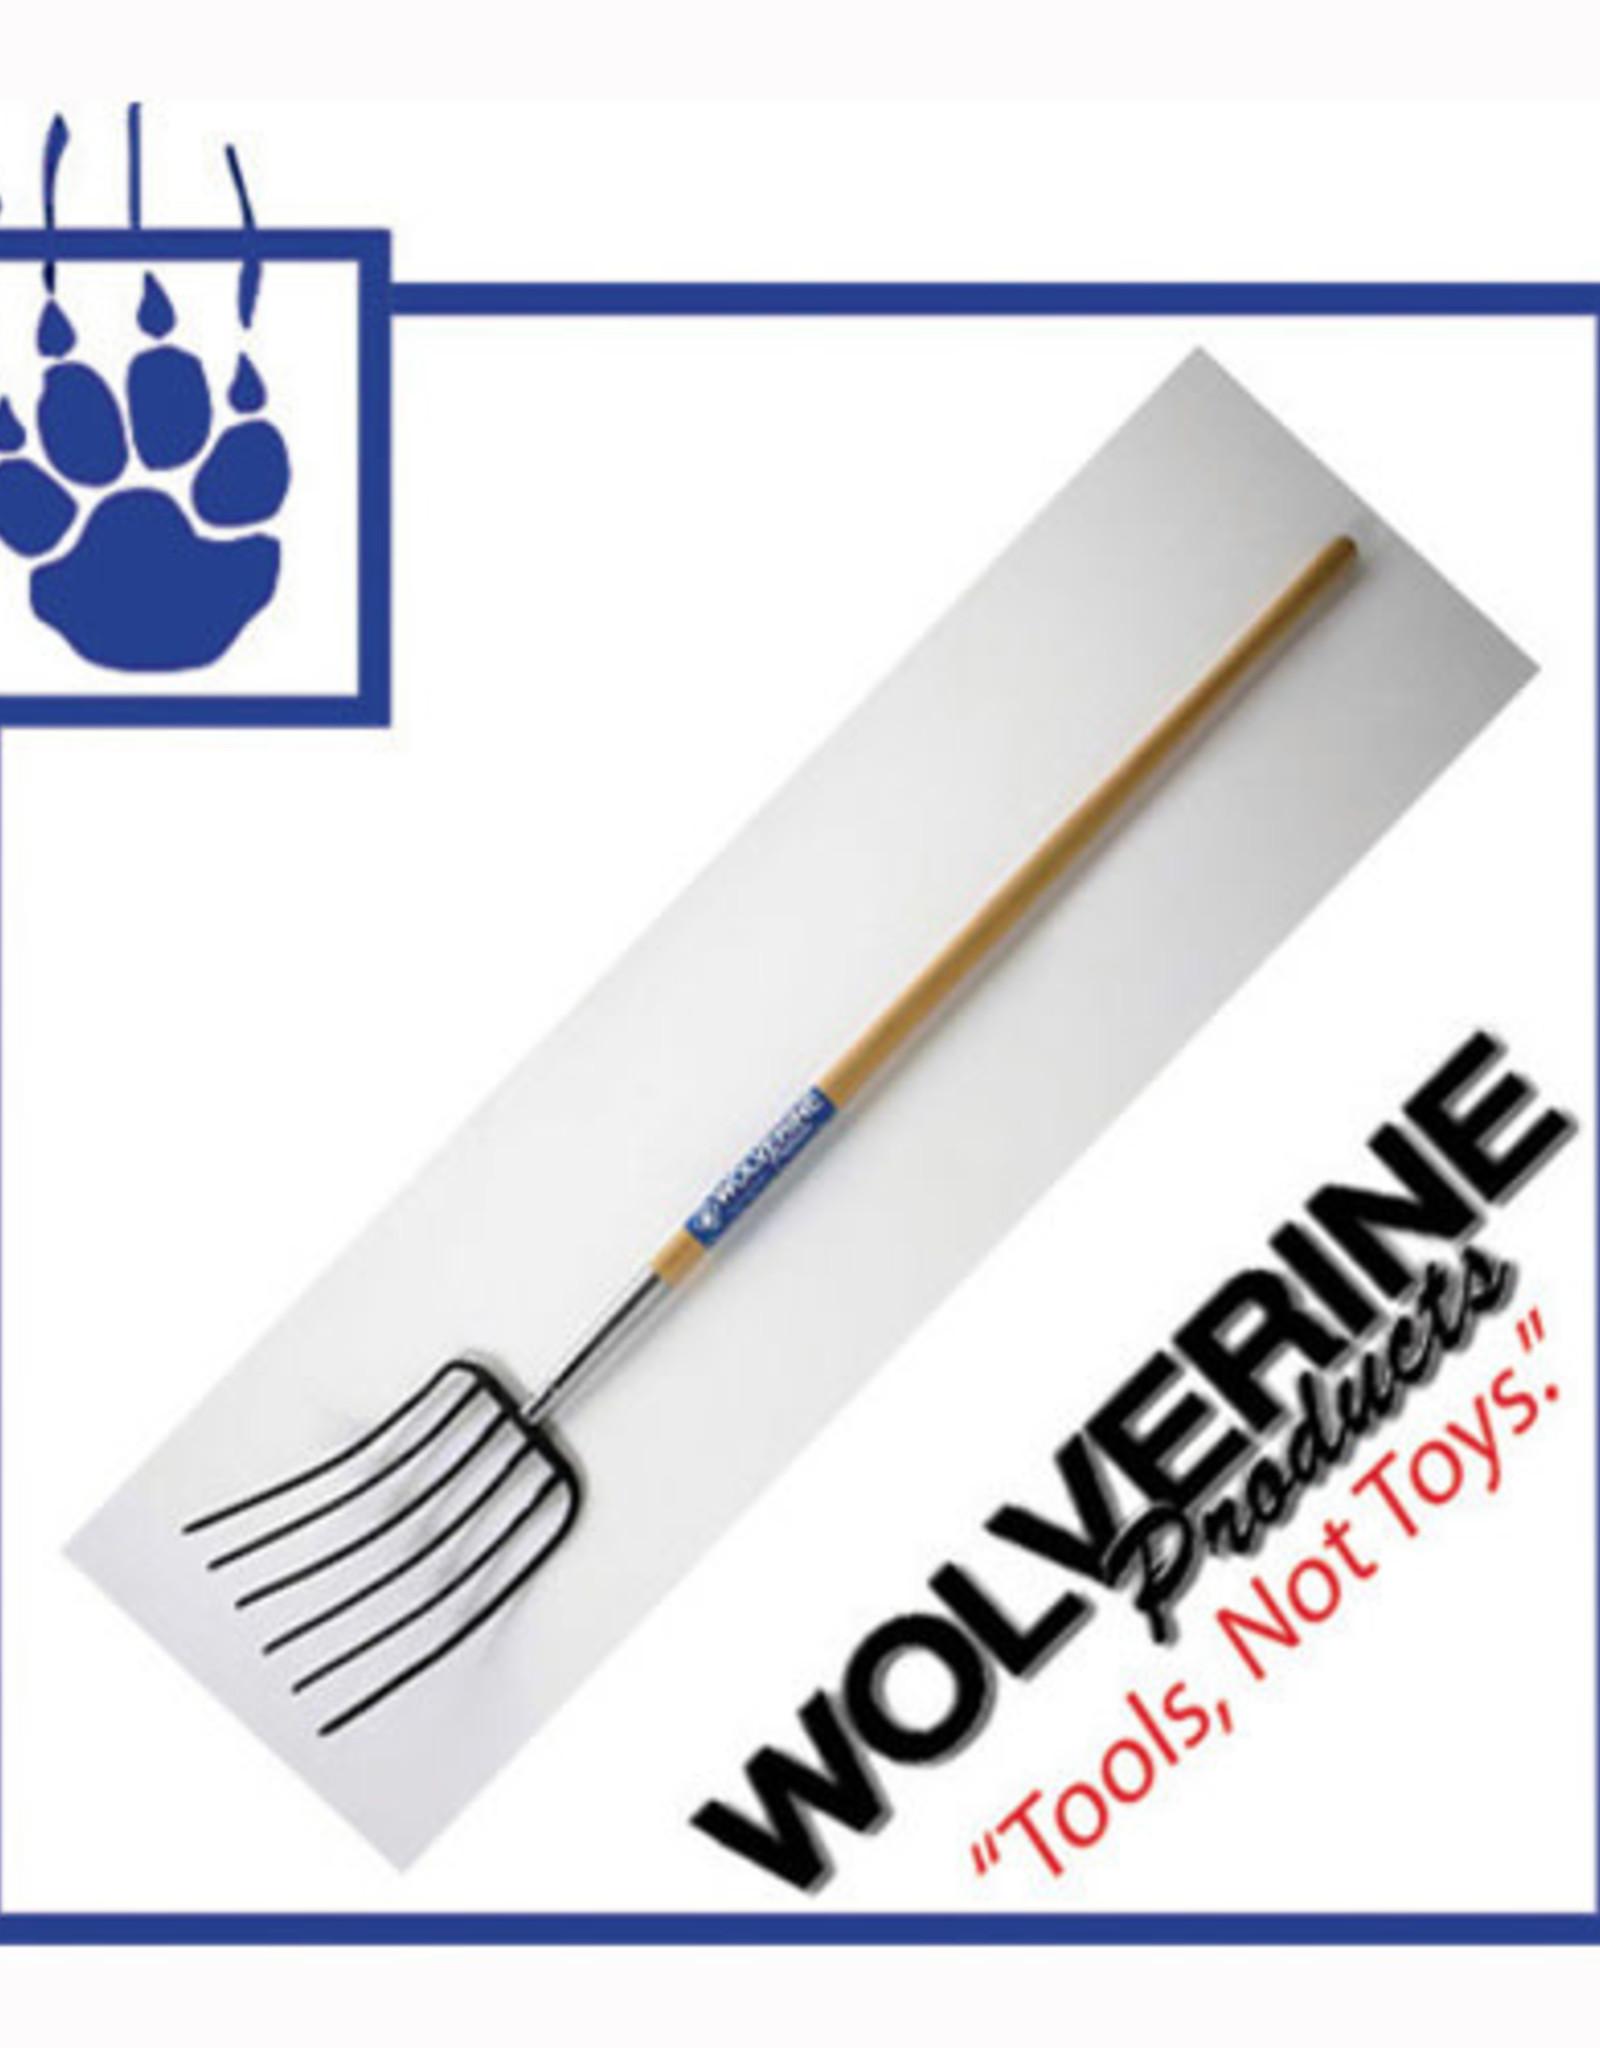 Wolverine 6 Tine Mulch Fork